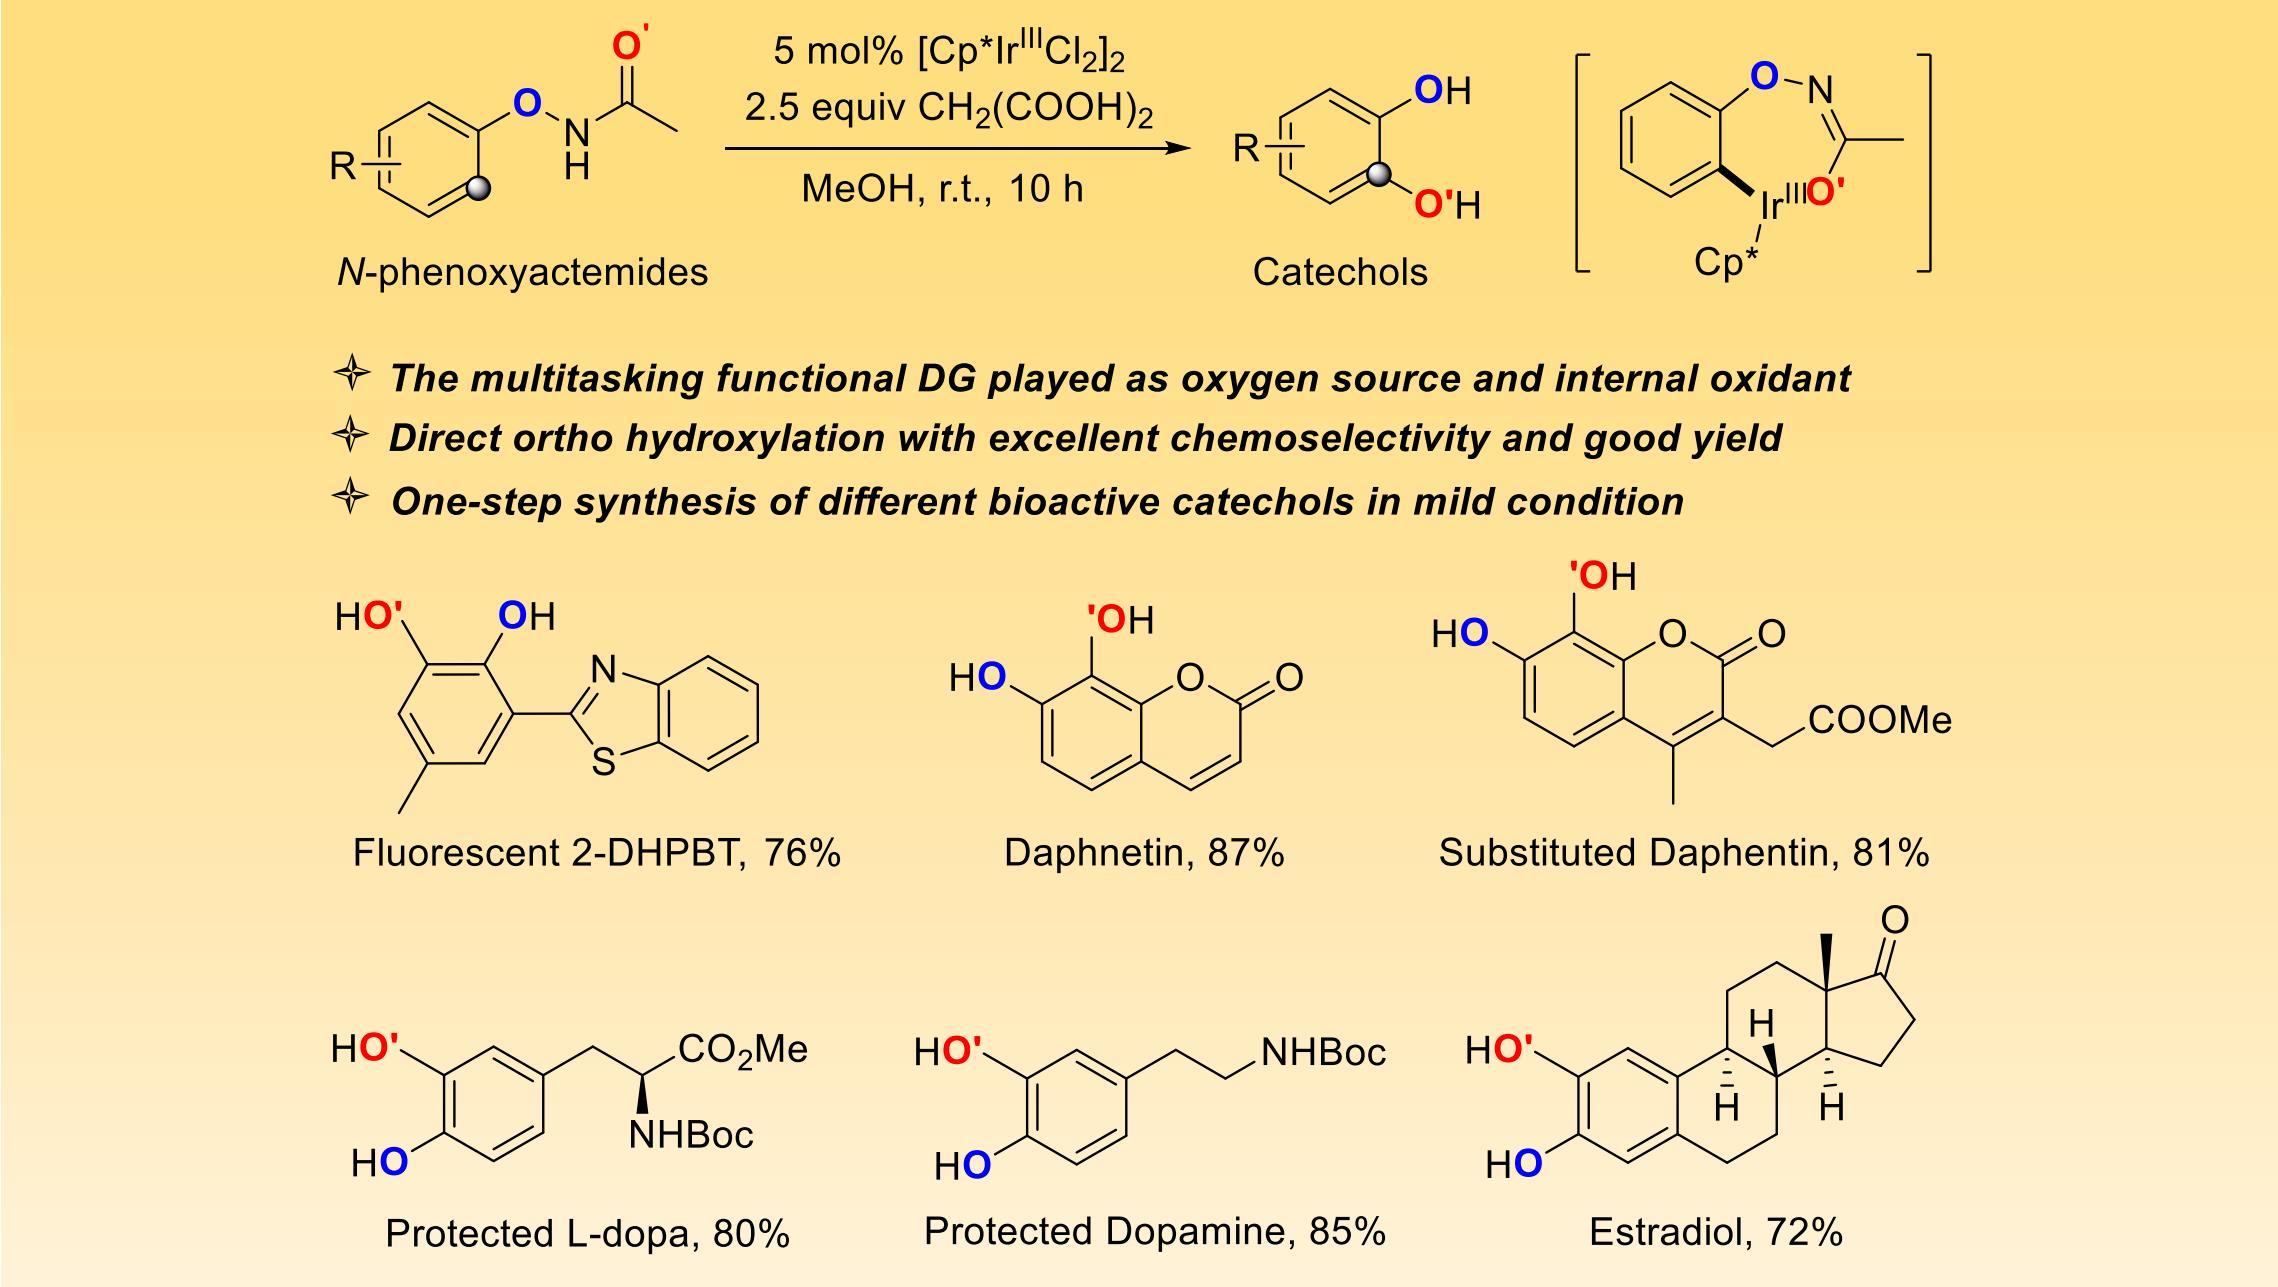 化生学院赵劲课题组发展温和条件下一步合成邻苯二酚类化合物新策略